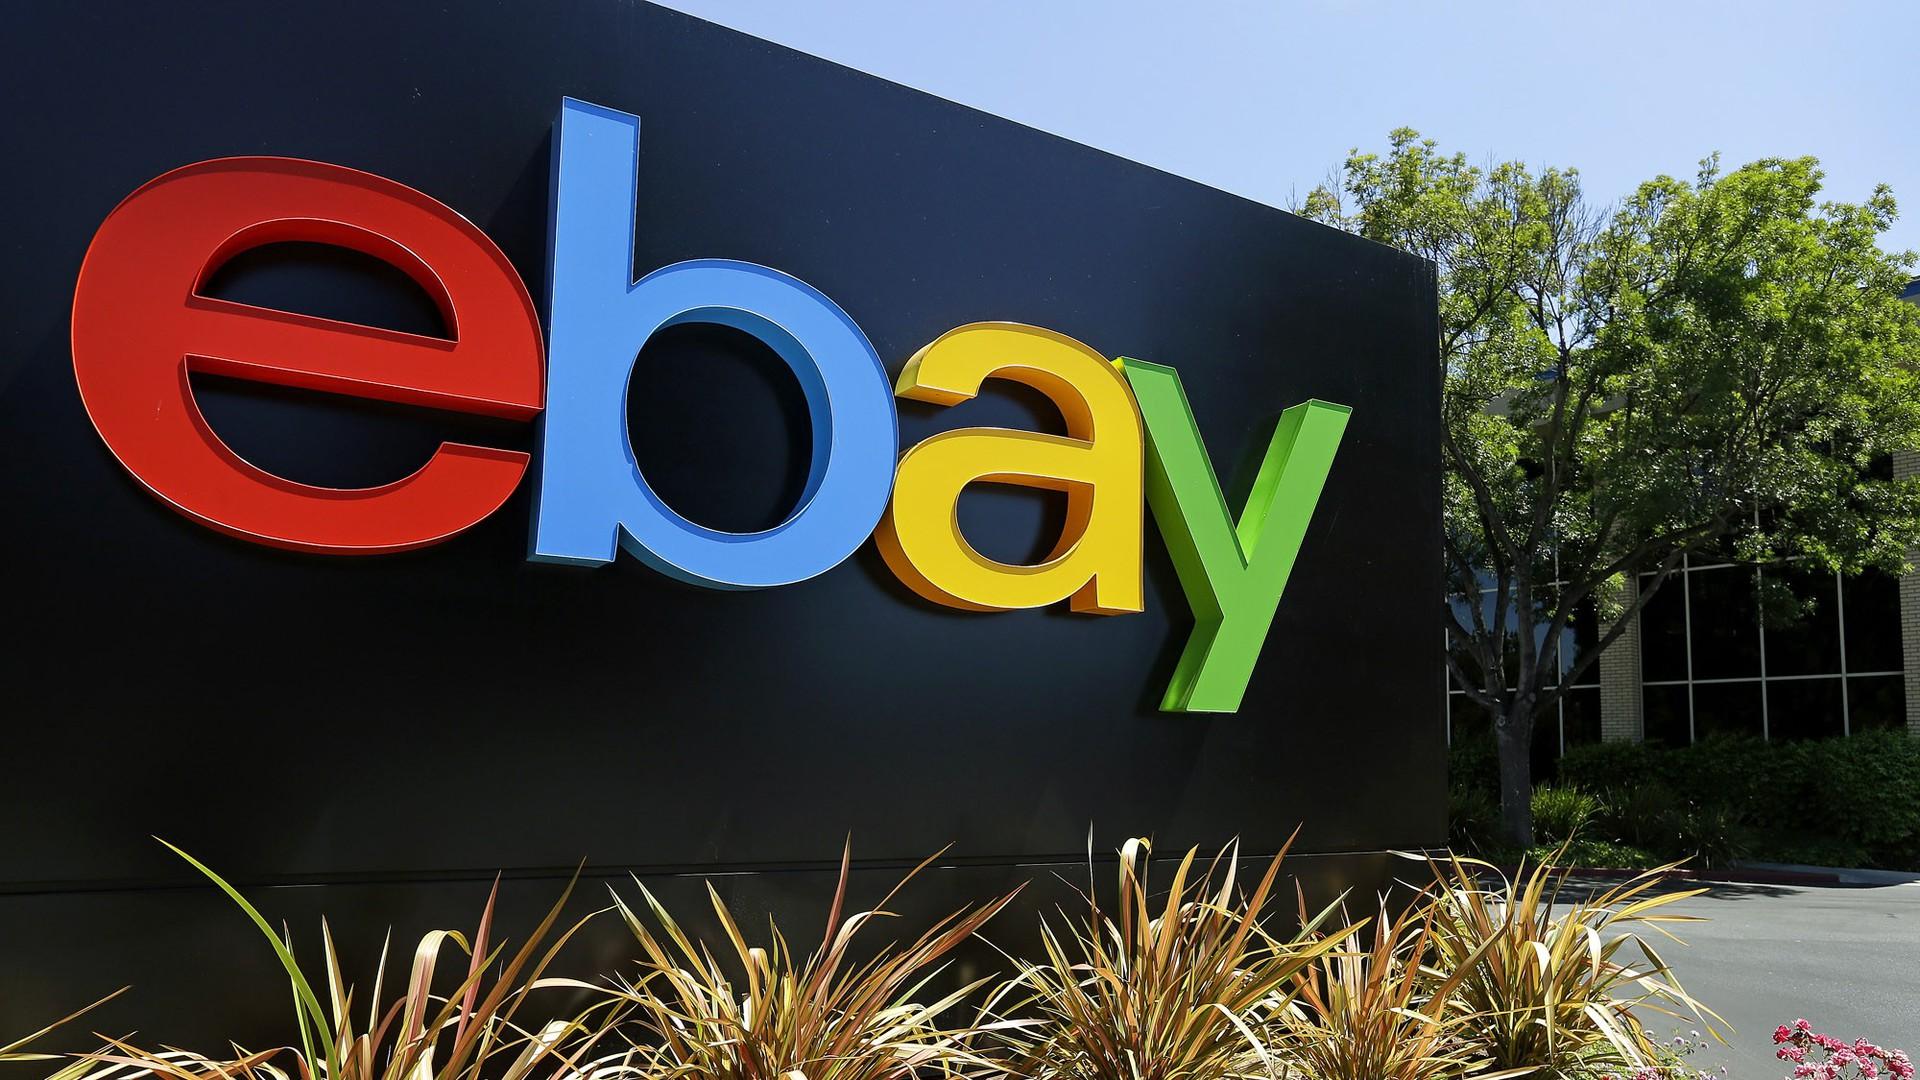 Годовой обзор: Что нового у eBay? - 1